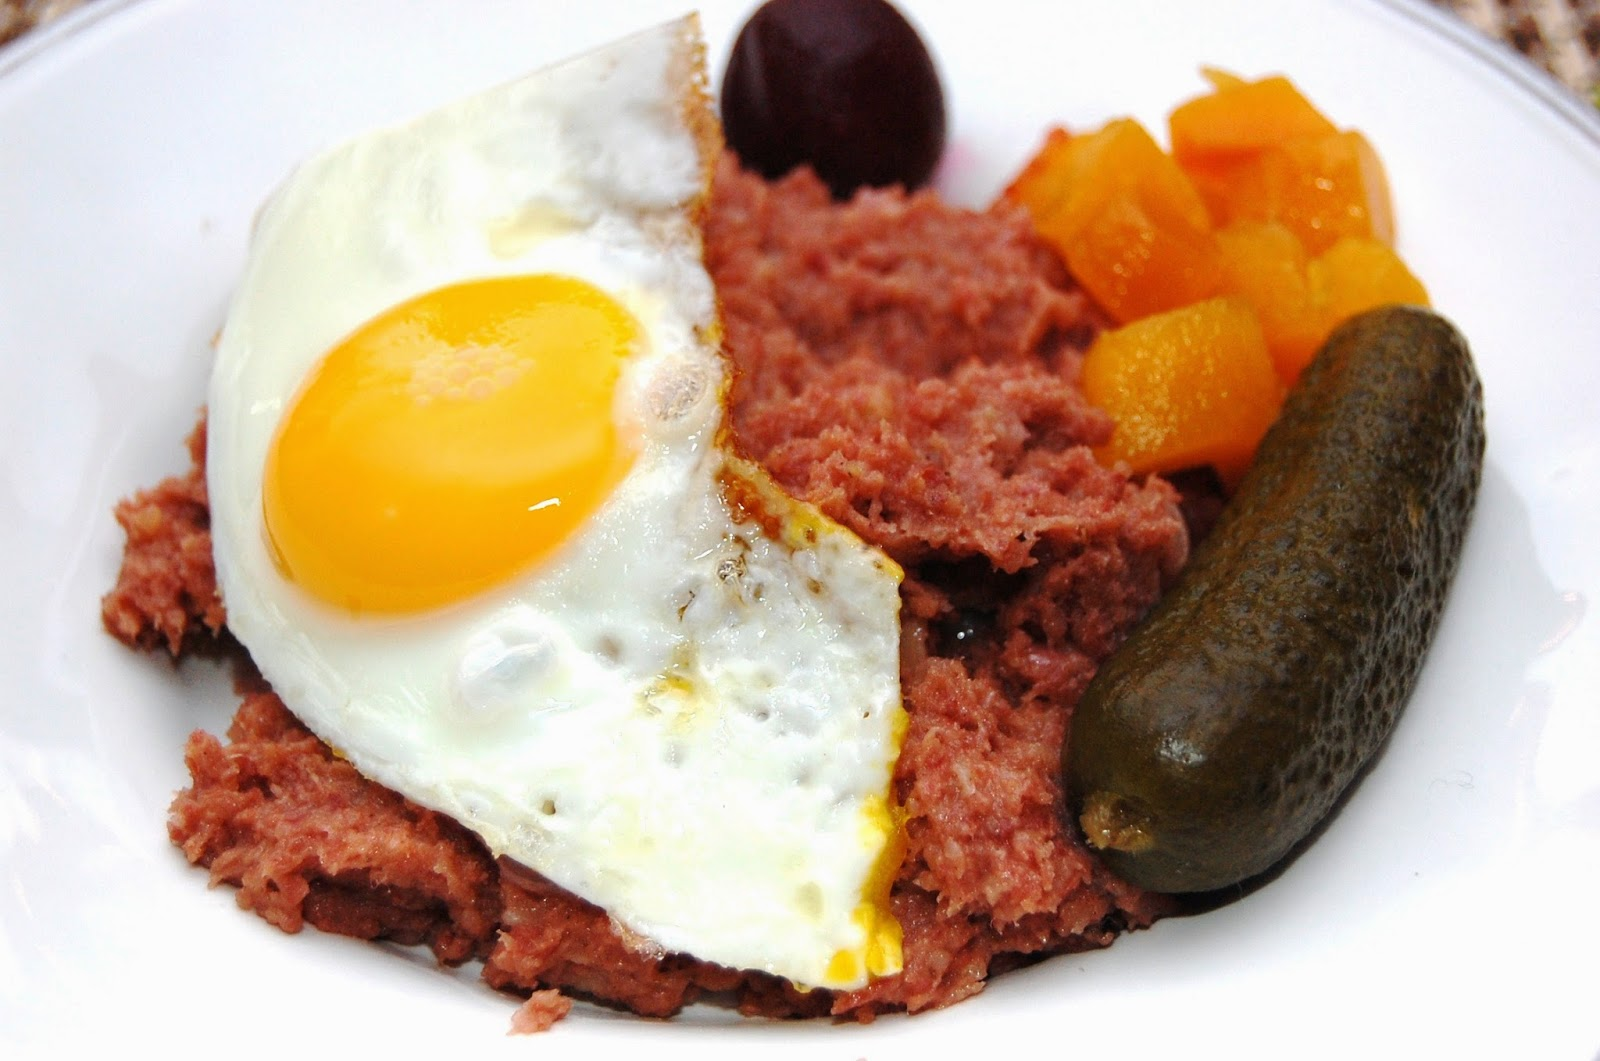 idodoodletoo: ein ausflug in die norddeutsche küche